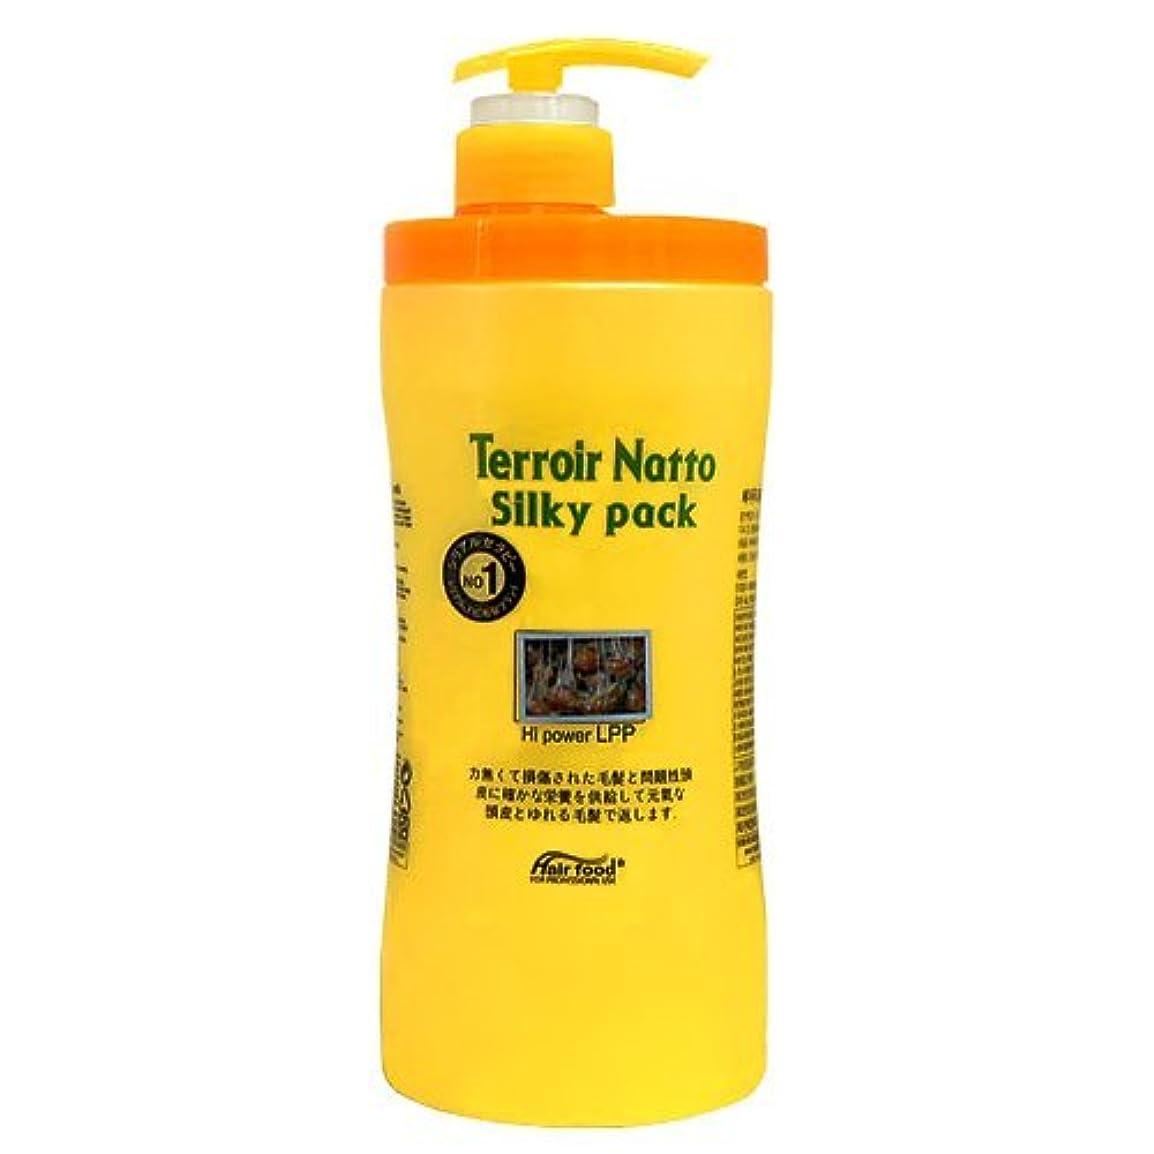 検査重荷カメラテロワール 納豆 シルキー パック ハイ パワー LPP 1000ml ヘア パック トリートメント - ビフォー アフター ケミカル トリートメント ( Terroir Natto Silky Pack Hi Power...